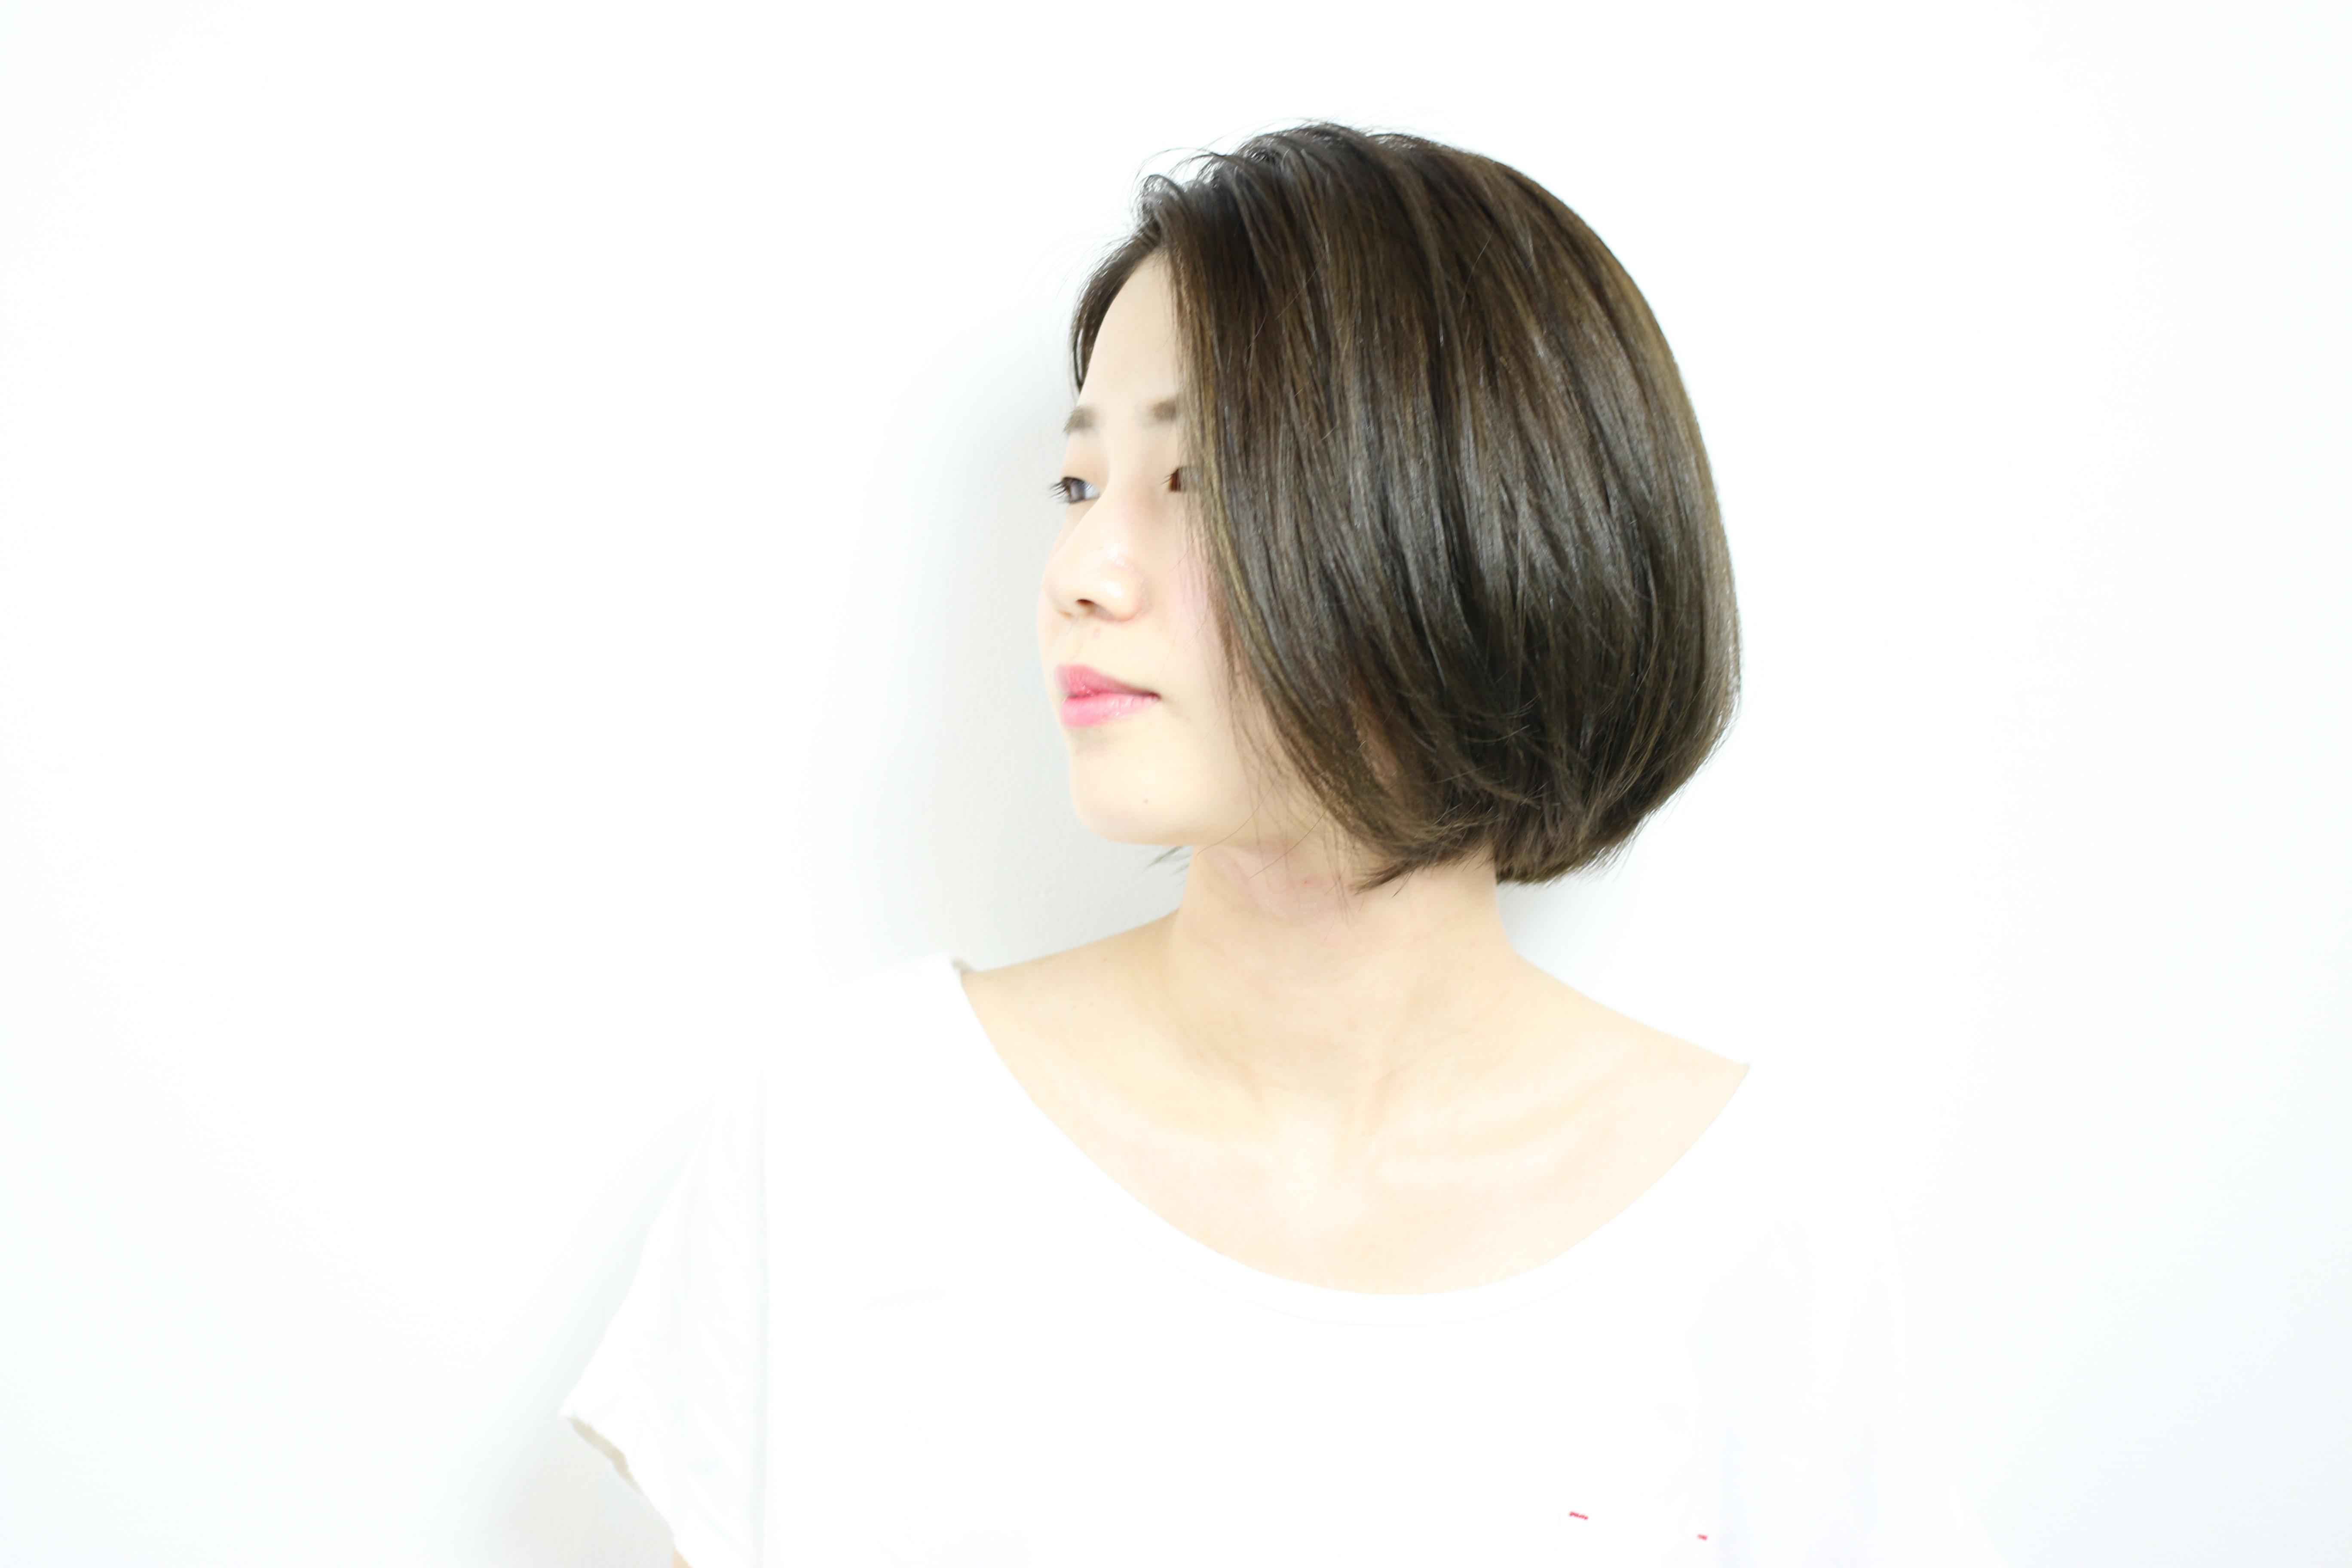 アゴライン重めショートボブ   HAIR  古賀久美子